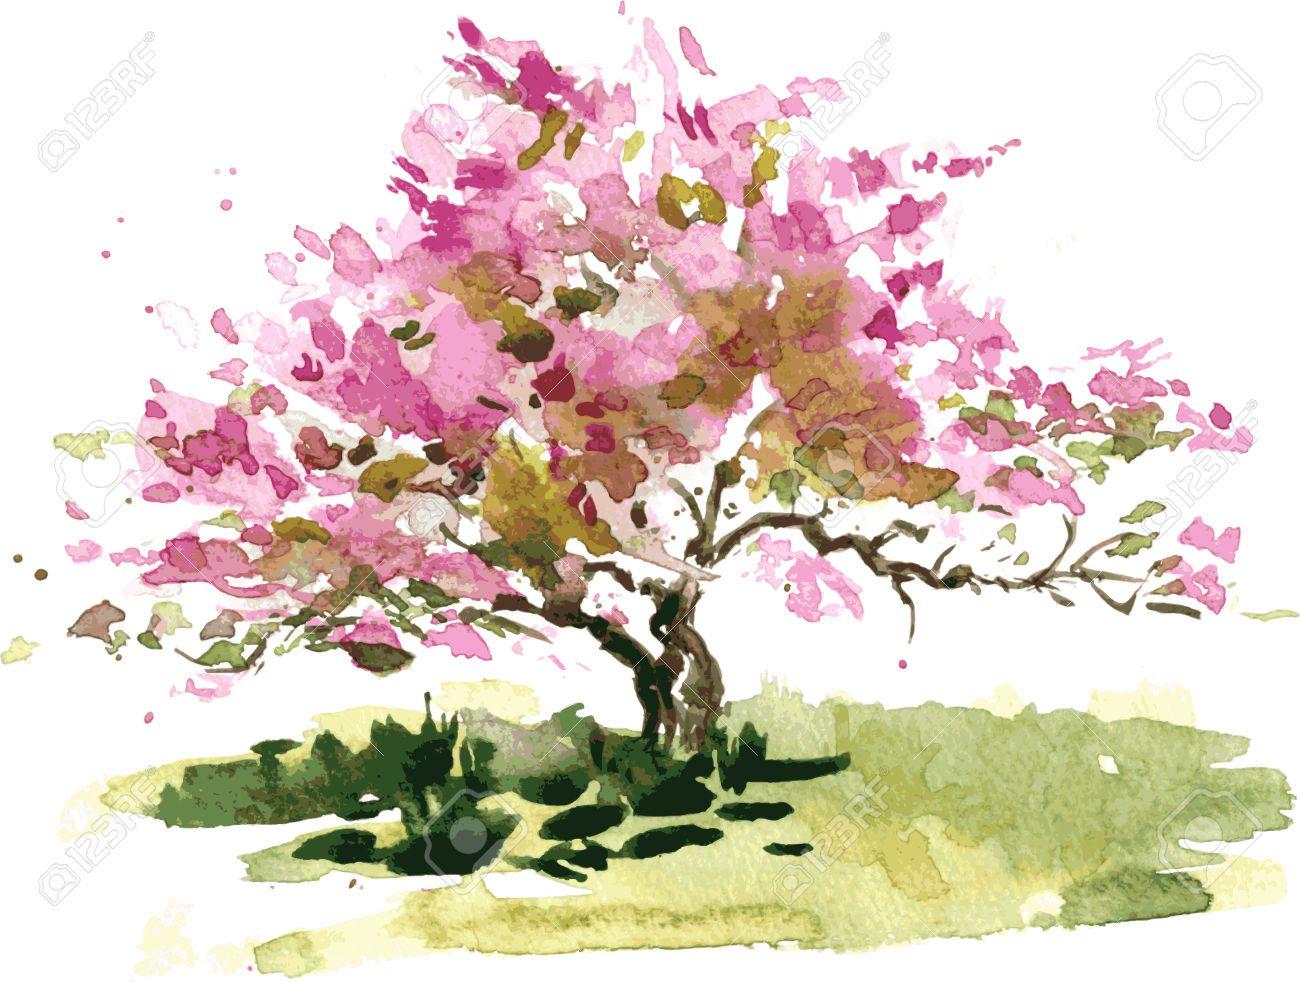 Fiore di ciliegio disegno albero da acquerello acquerello for Pintura color albero